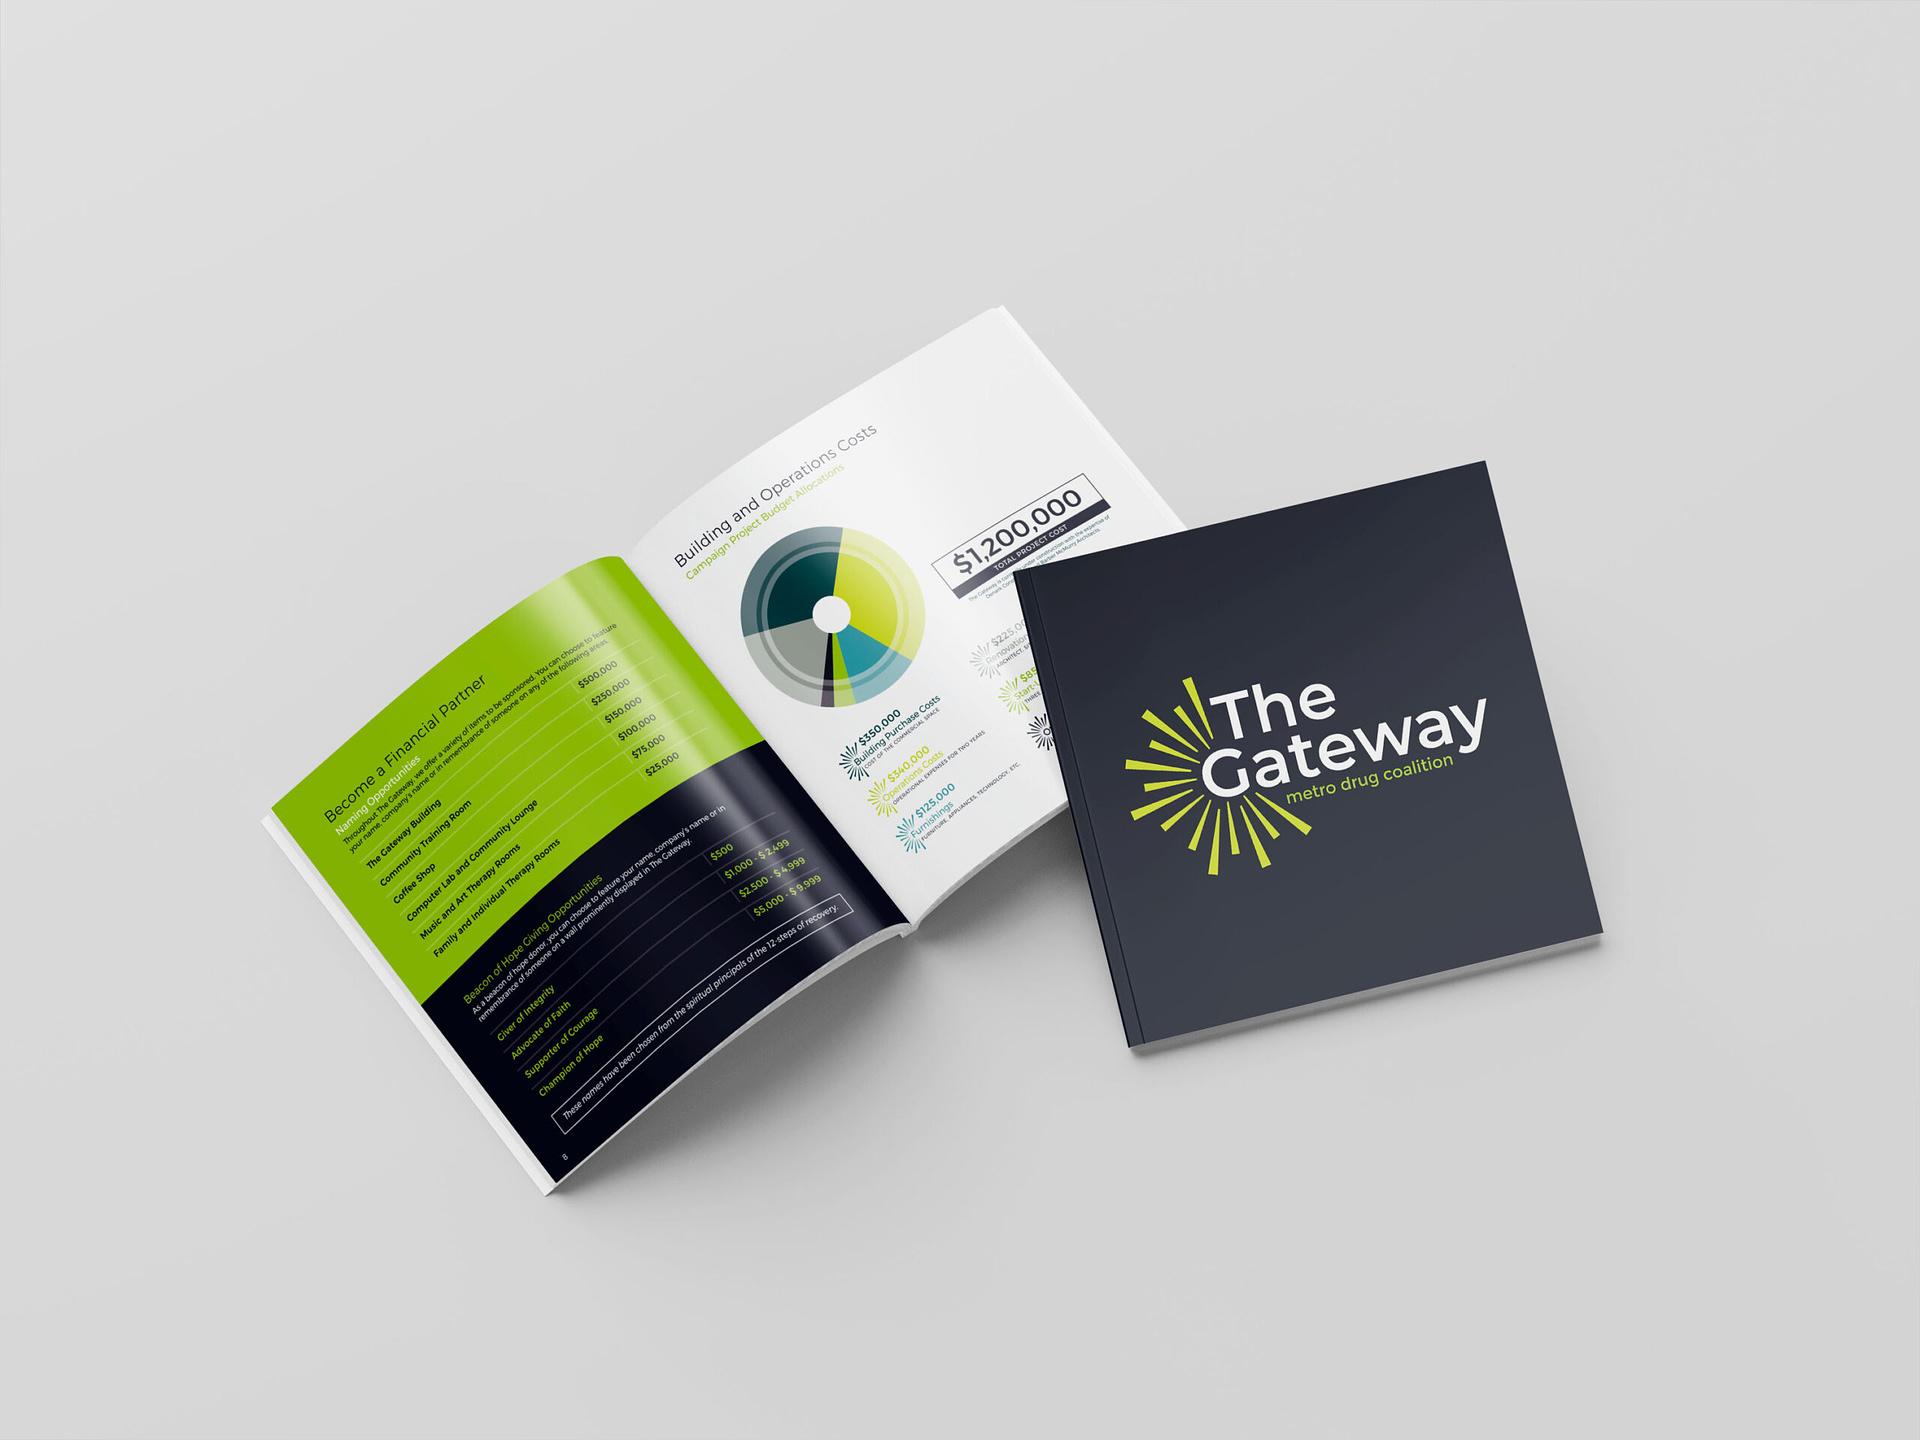 MDC_TheGateway_Print